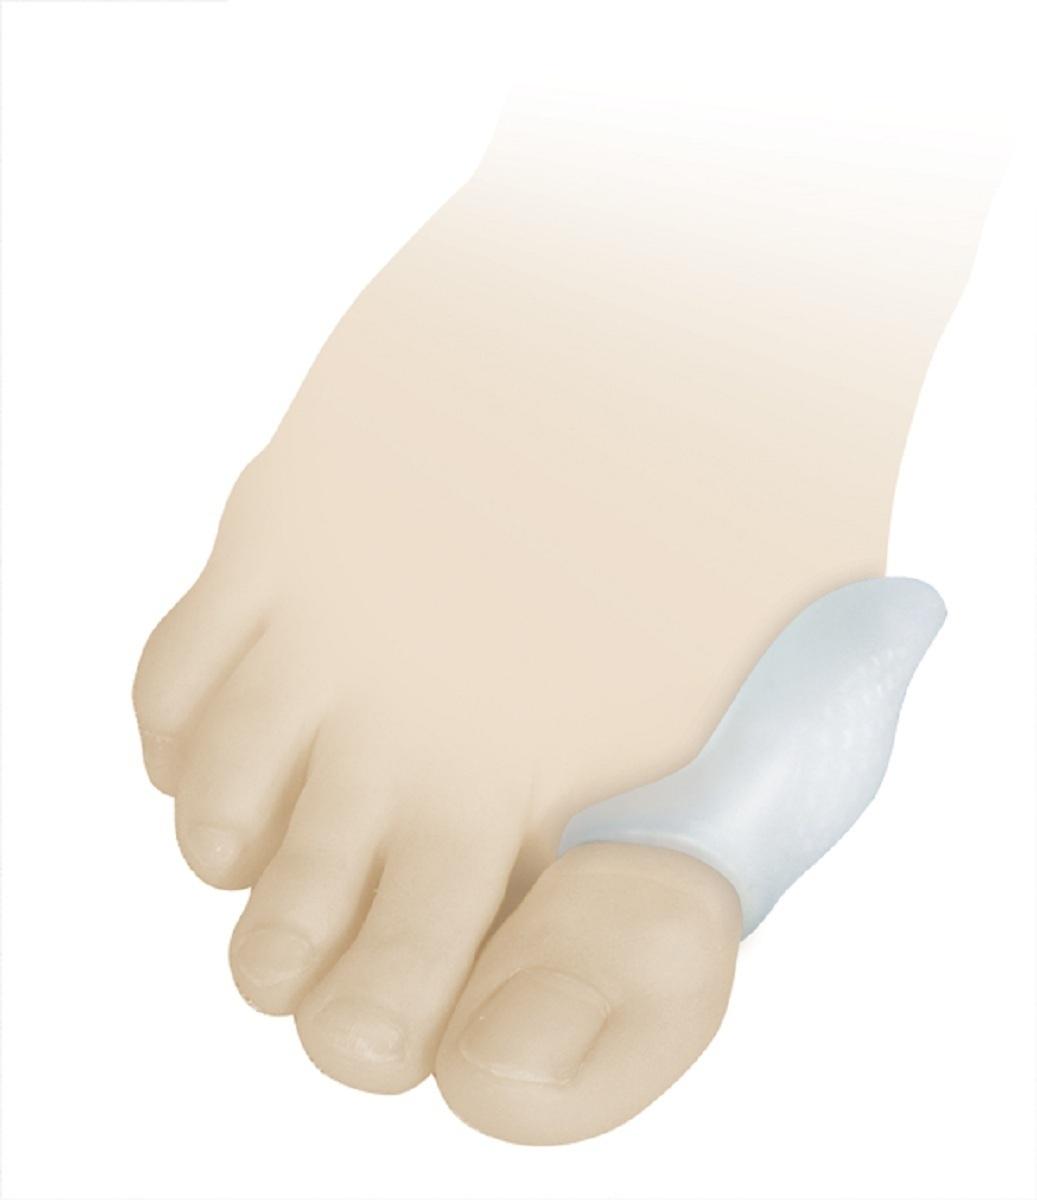 Luomma Бурсопротектор силиконовый Lum901Lum901Размер универсальный. состав: 100% медицинский силикон. Защищает от давления и образования потертостей суставной сумки первого плюснефалангового сустава. В упаковке 2 шт.